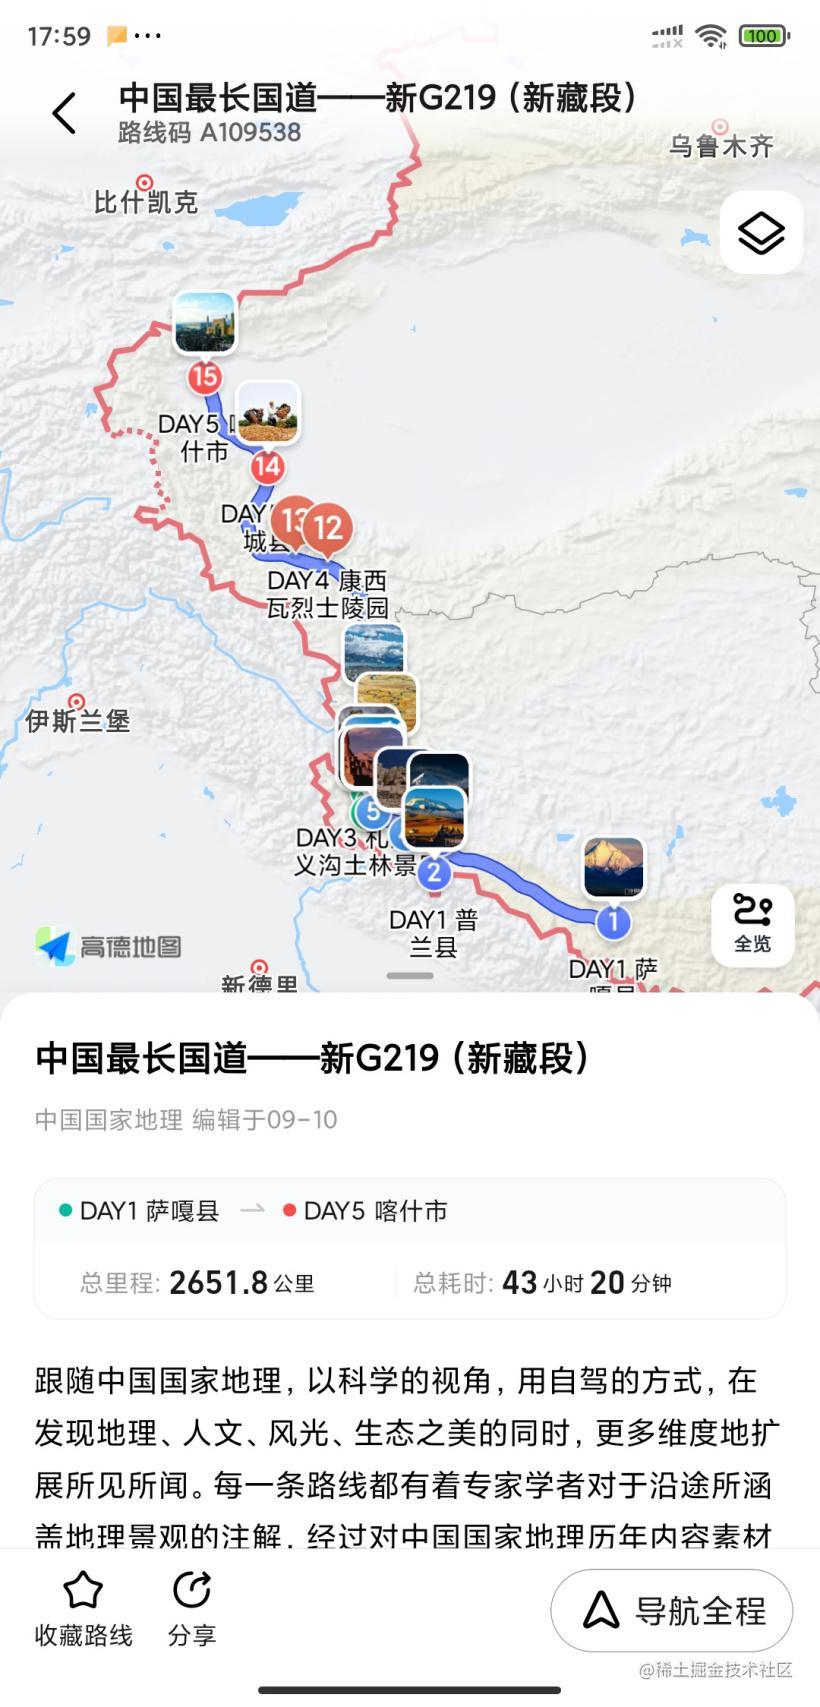 """高德地图推出""""趣游"""",上线 500 余条自驾游路线,全程可导航"""